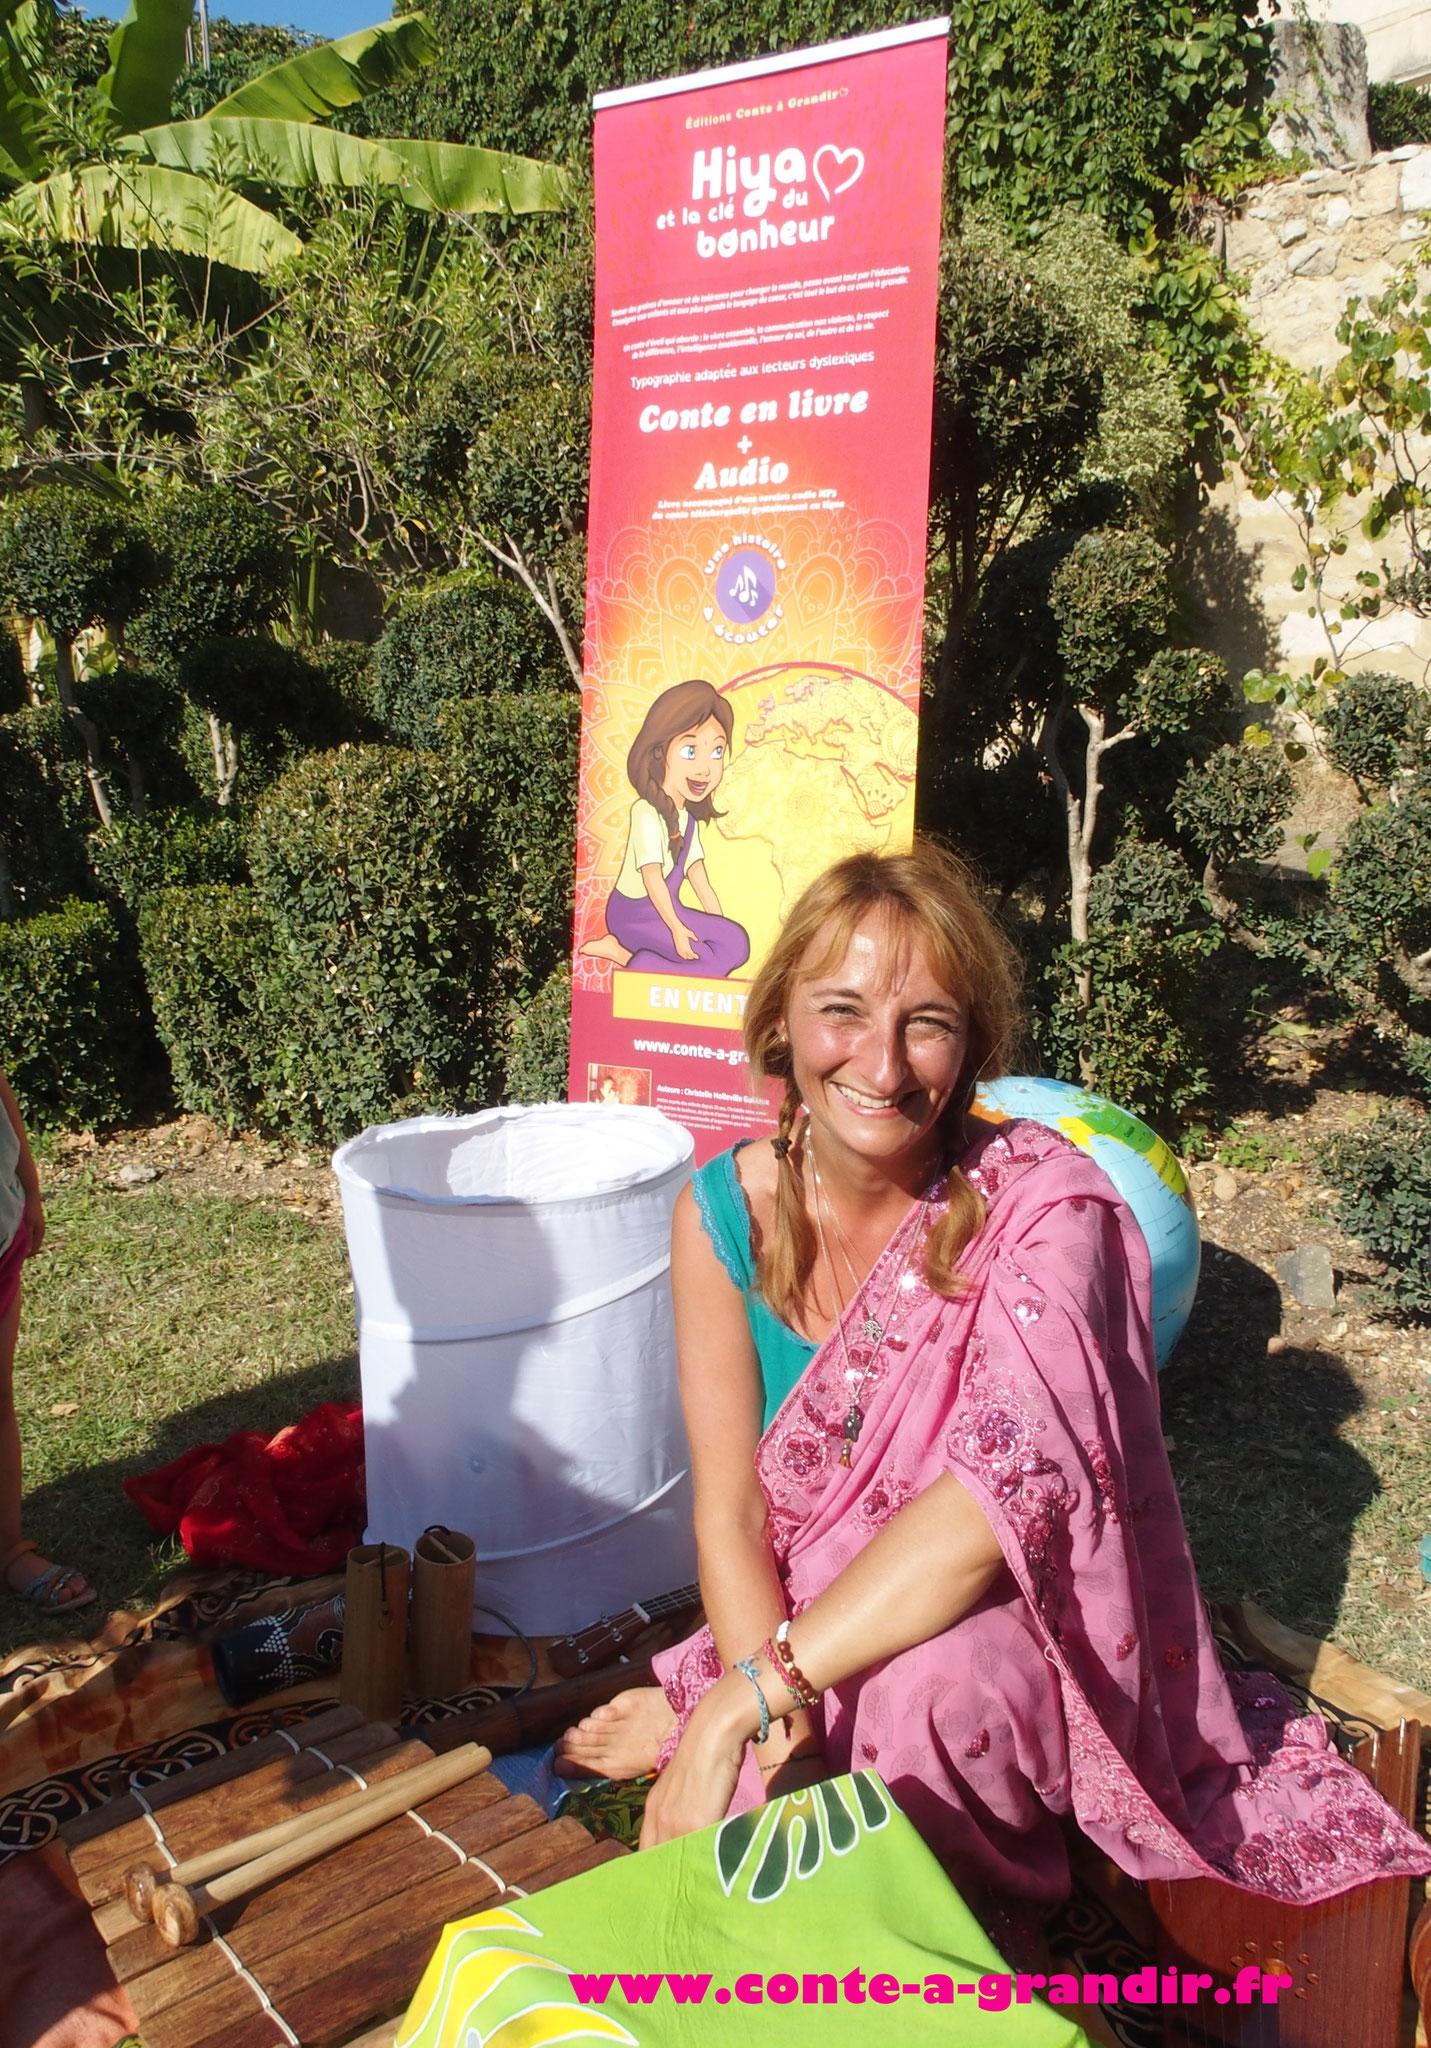 Le conte Hiya et la clé du bonheur au Festival pour l'école de la vie